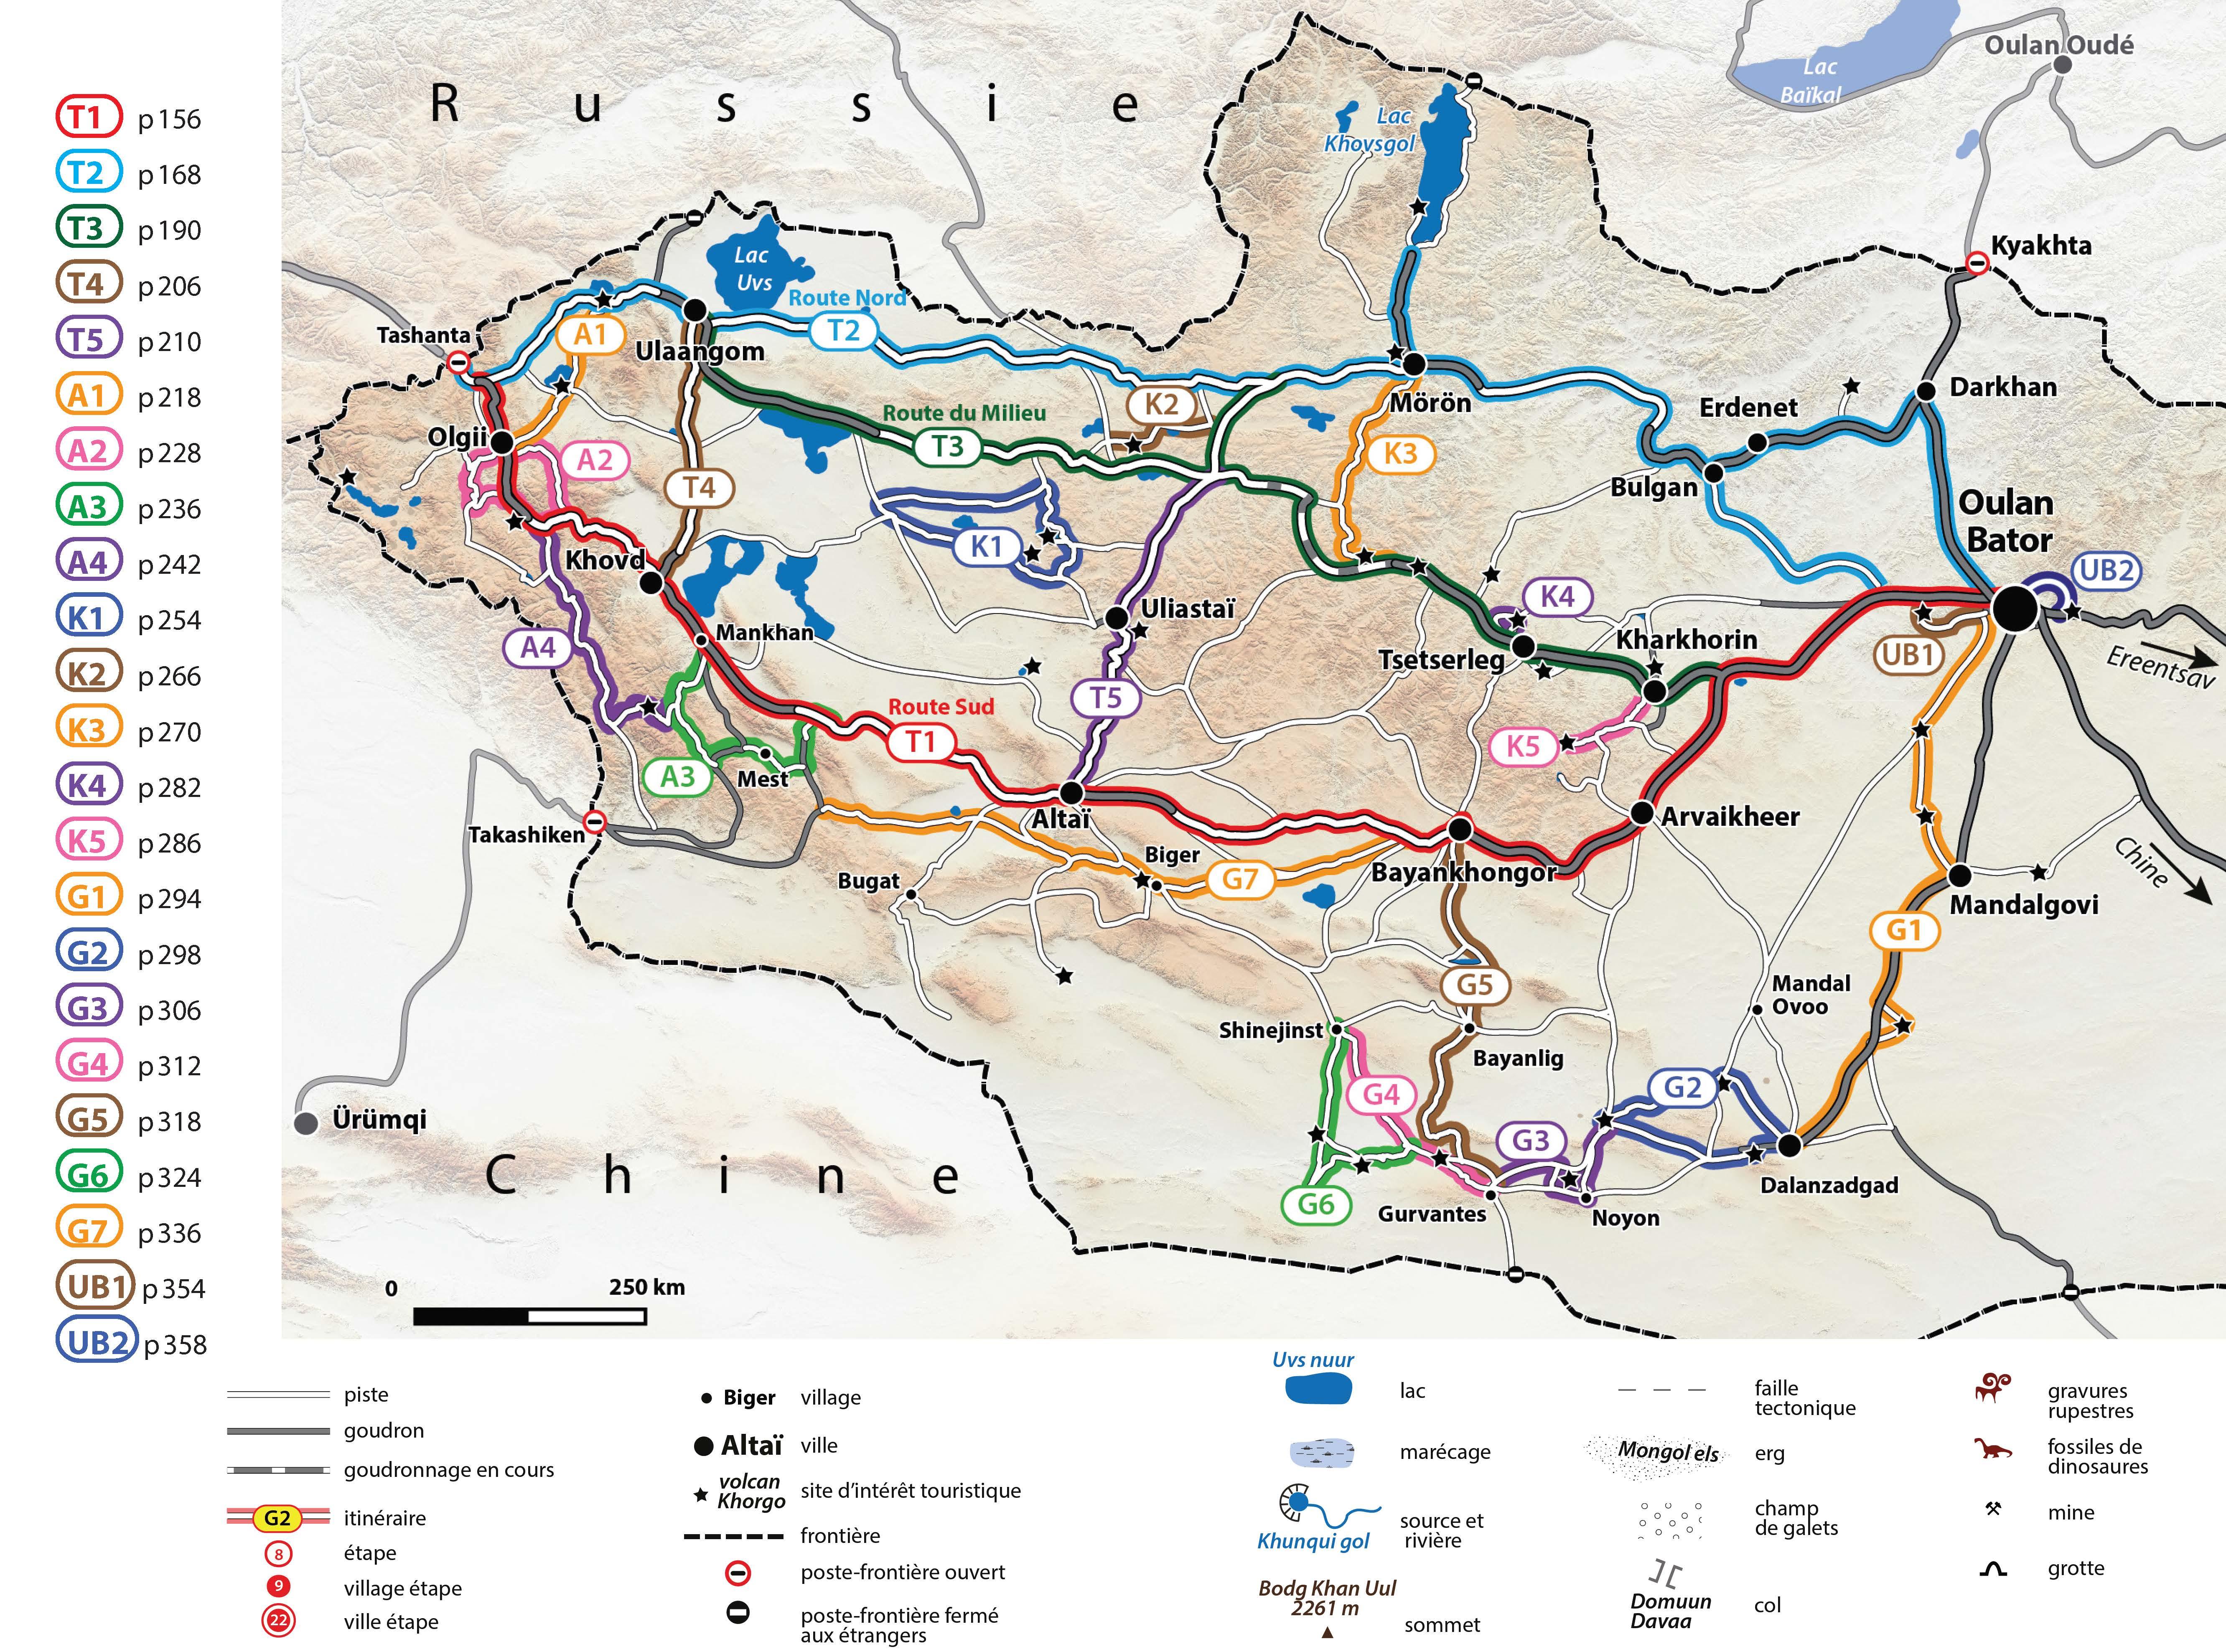 Sites de rencontres mongoles gratuits